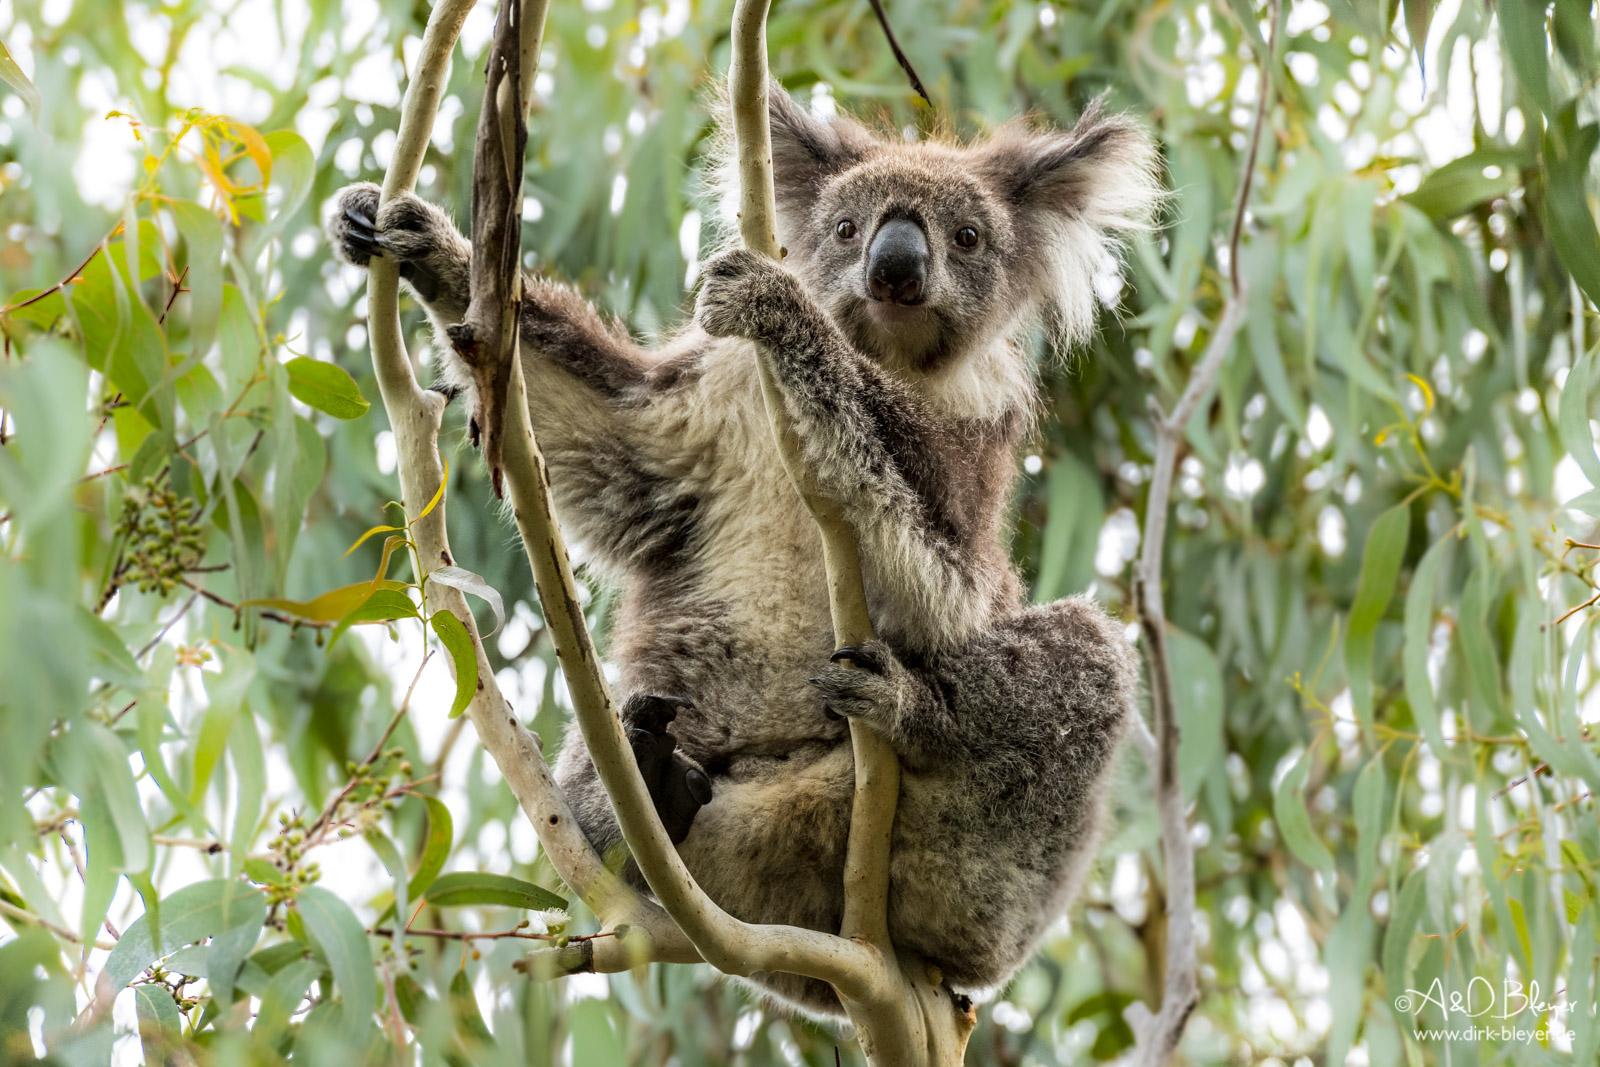 Australien - ein Jahr Freiheit © Dirk Bleyer